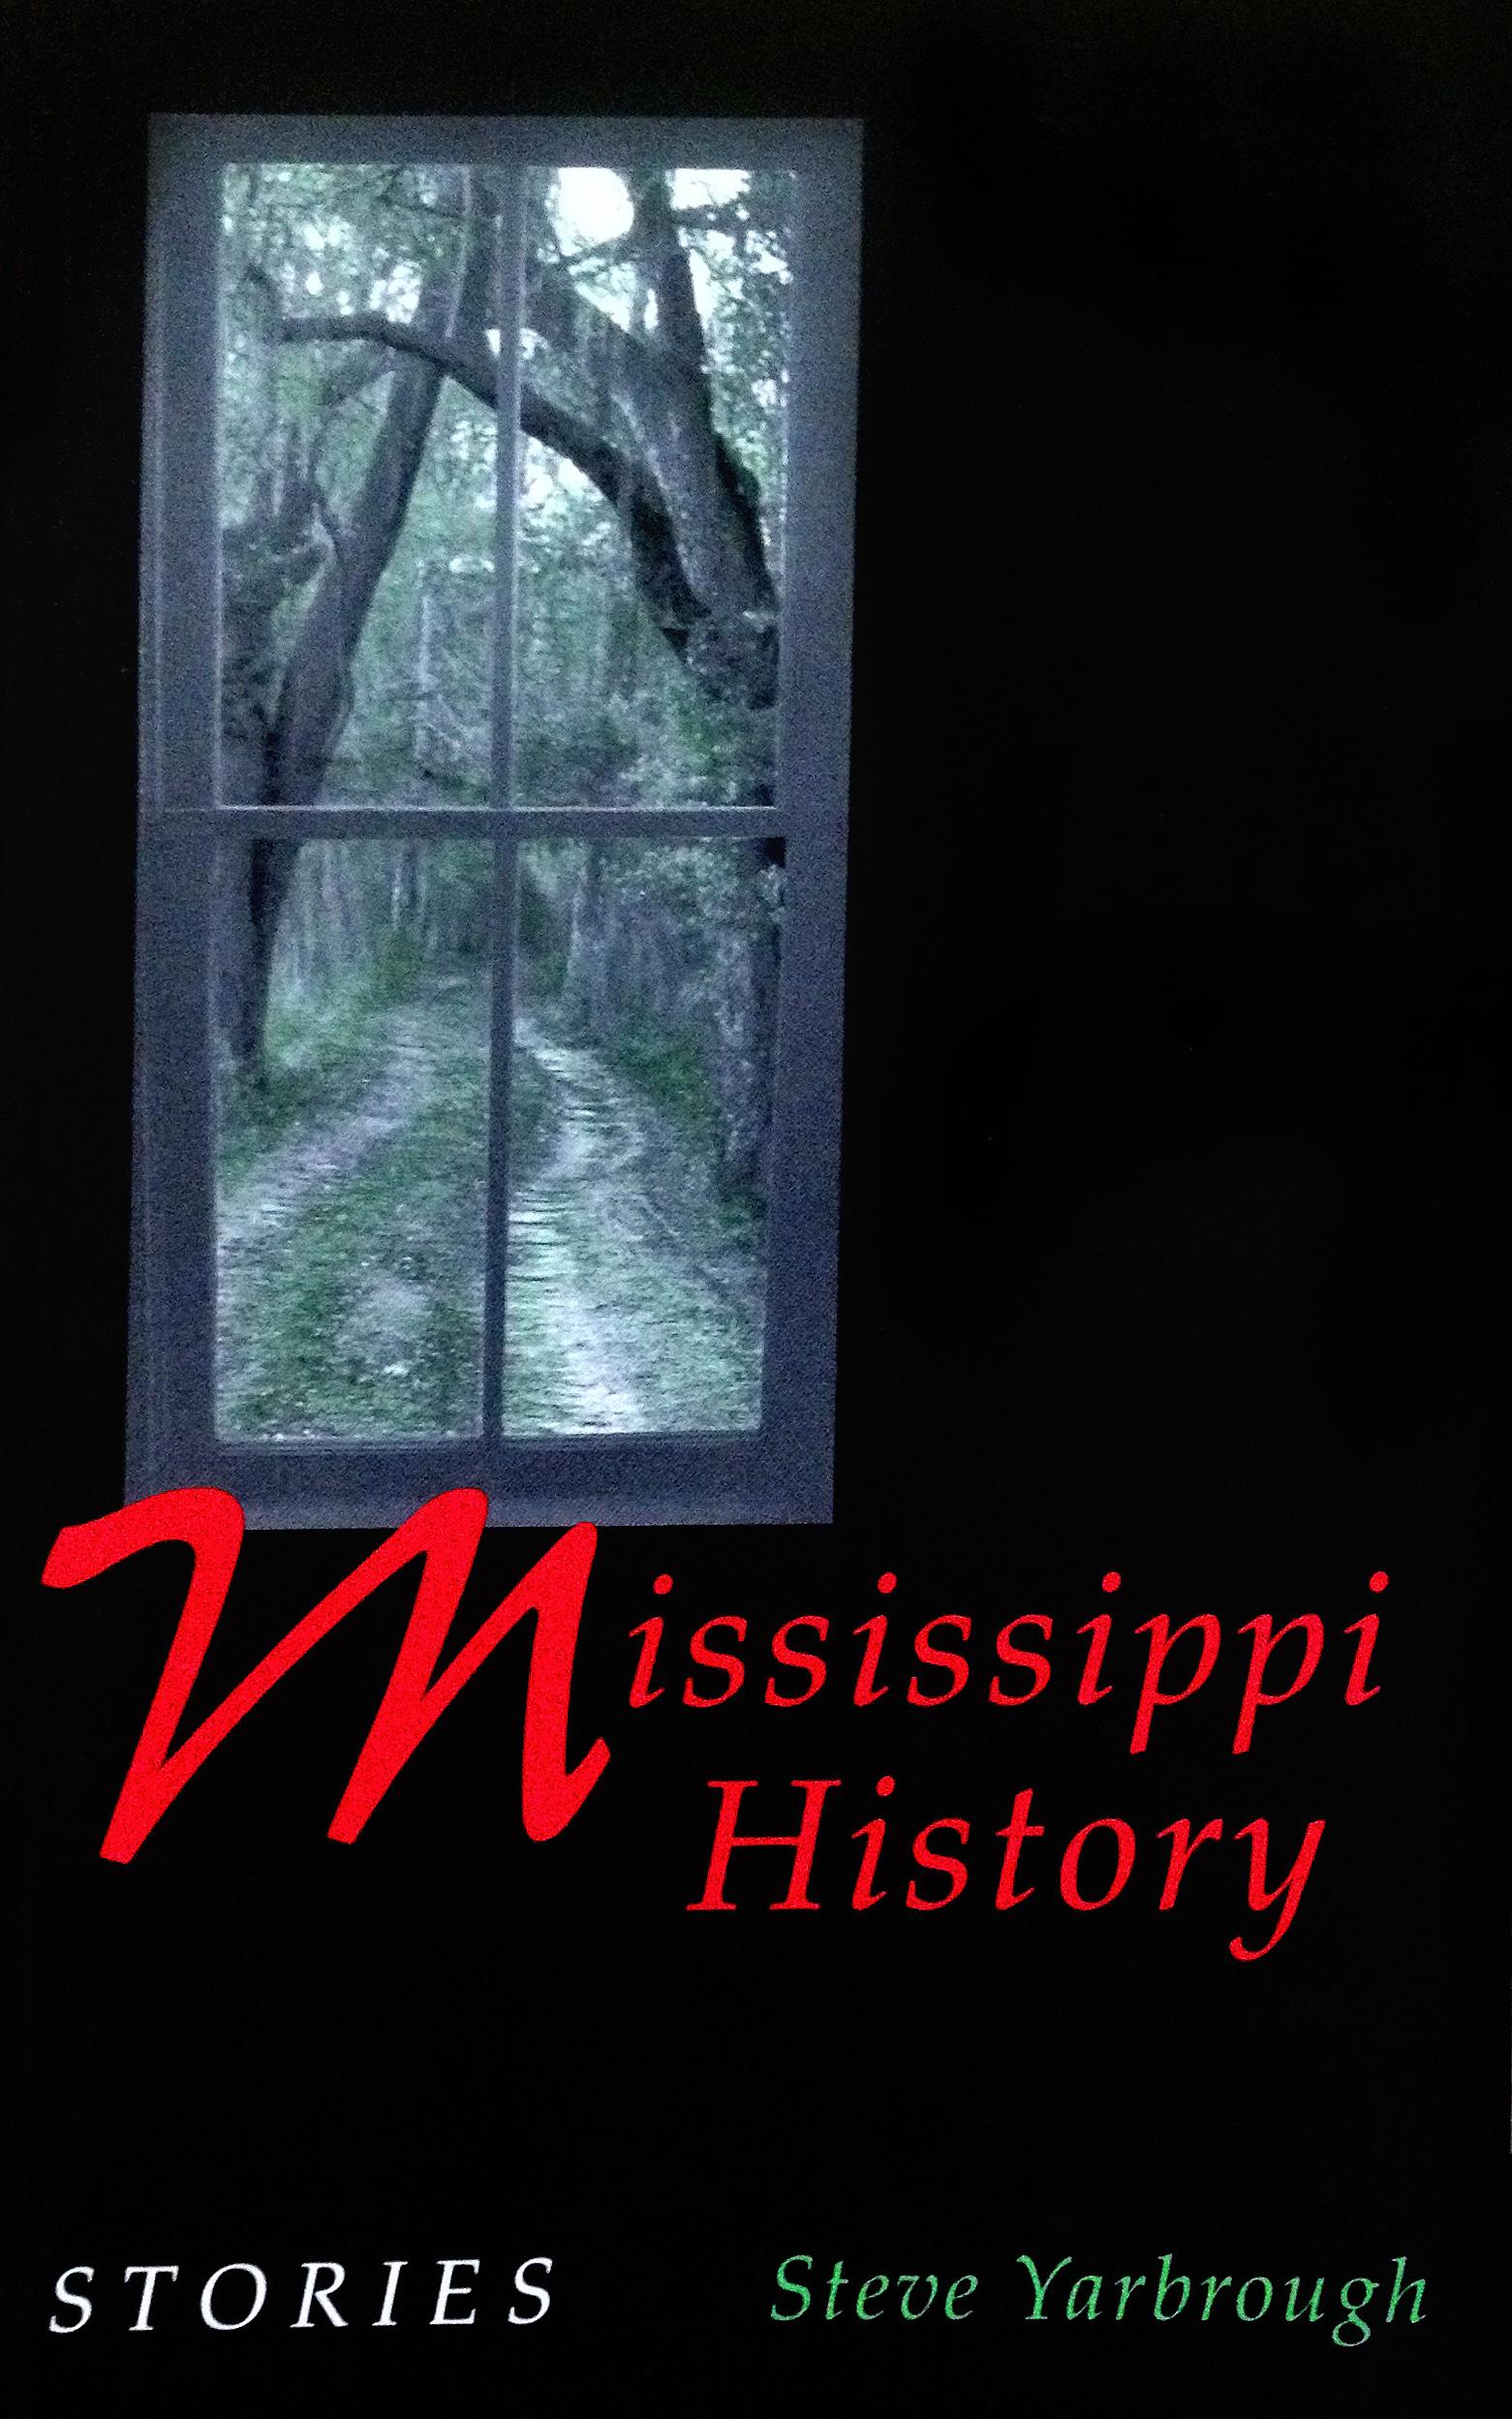 mississippi-history-cover.JPG